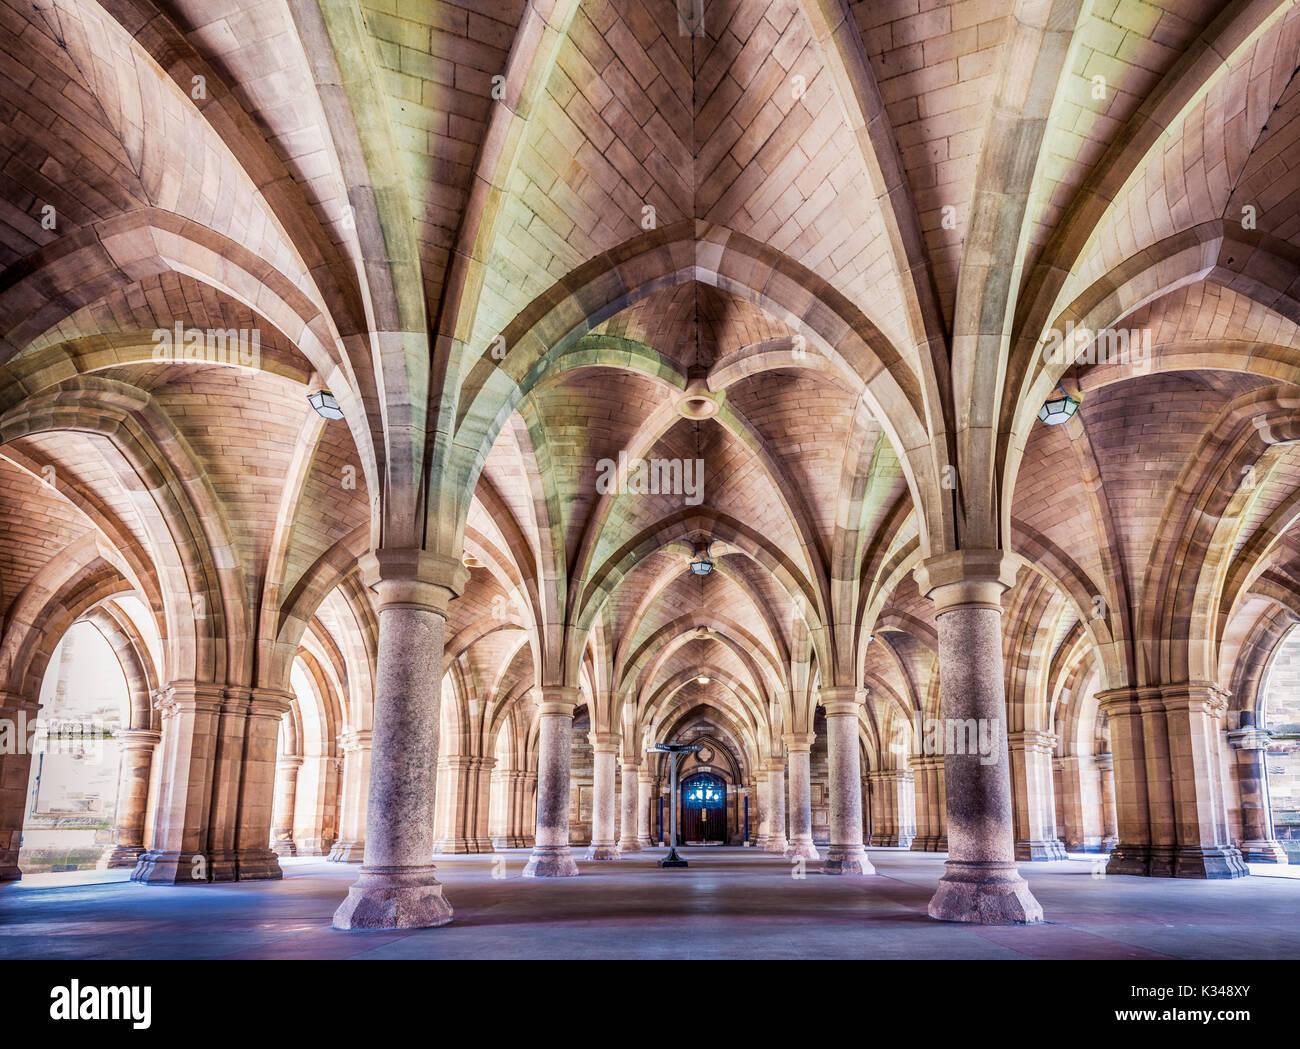 Stunning entrance at Glasgow Univercity - Stock Image